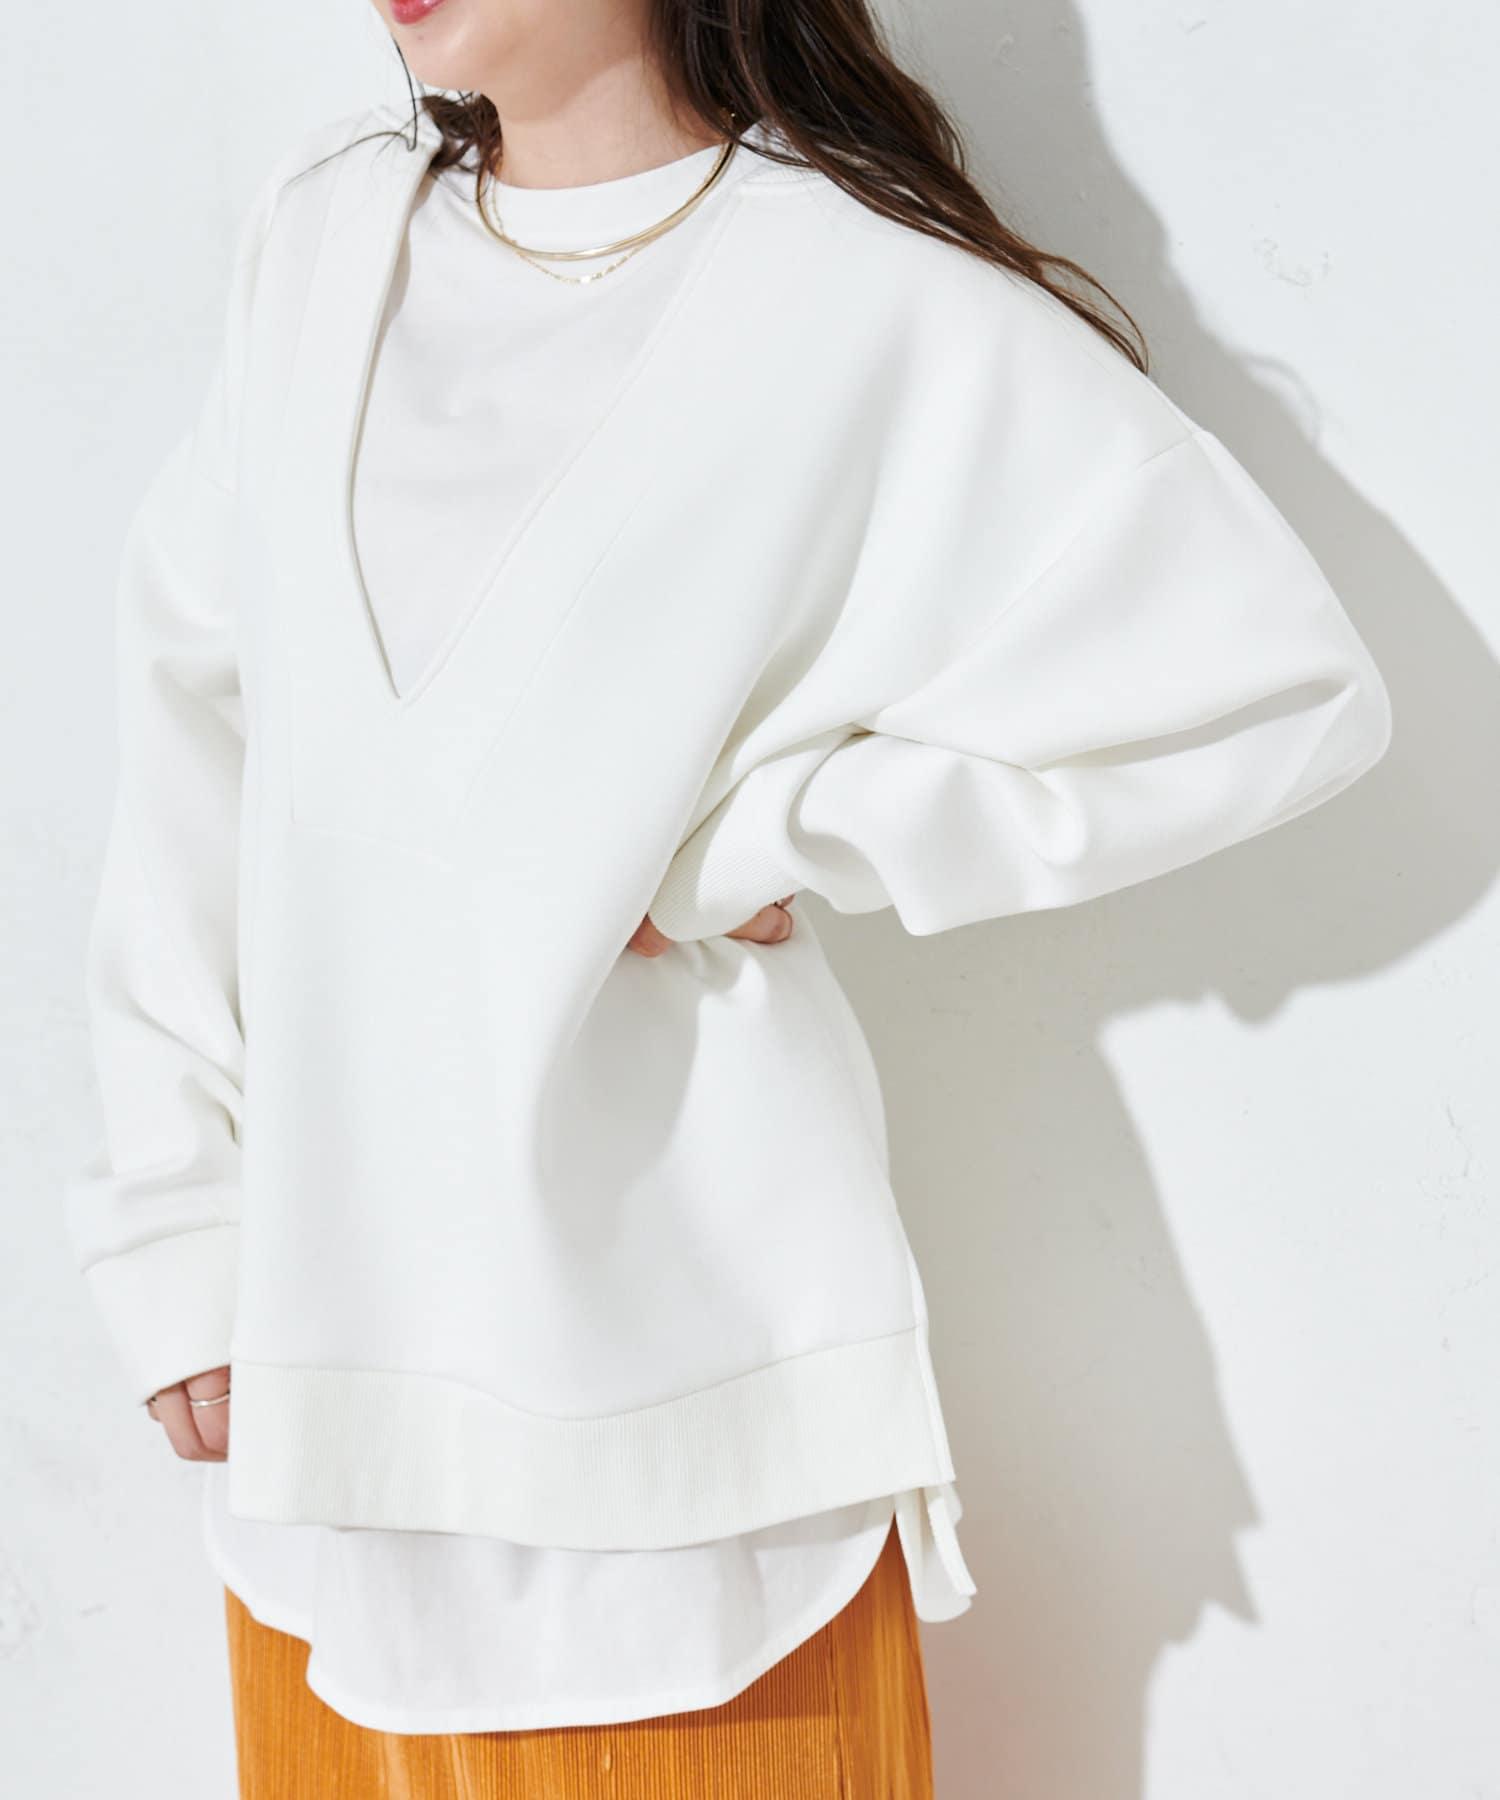 OUTLET(アウトレット) 【Discoat】ダンボール深Vプルオーバー